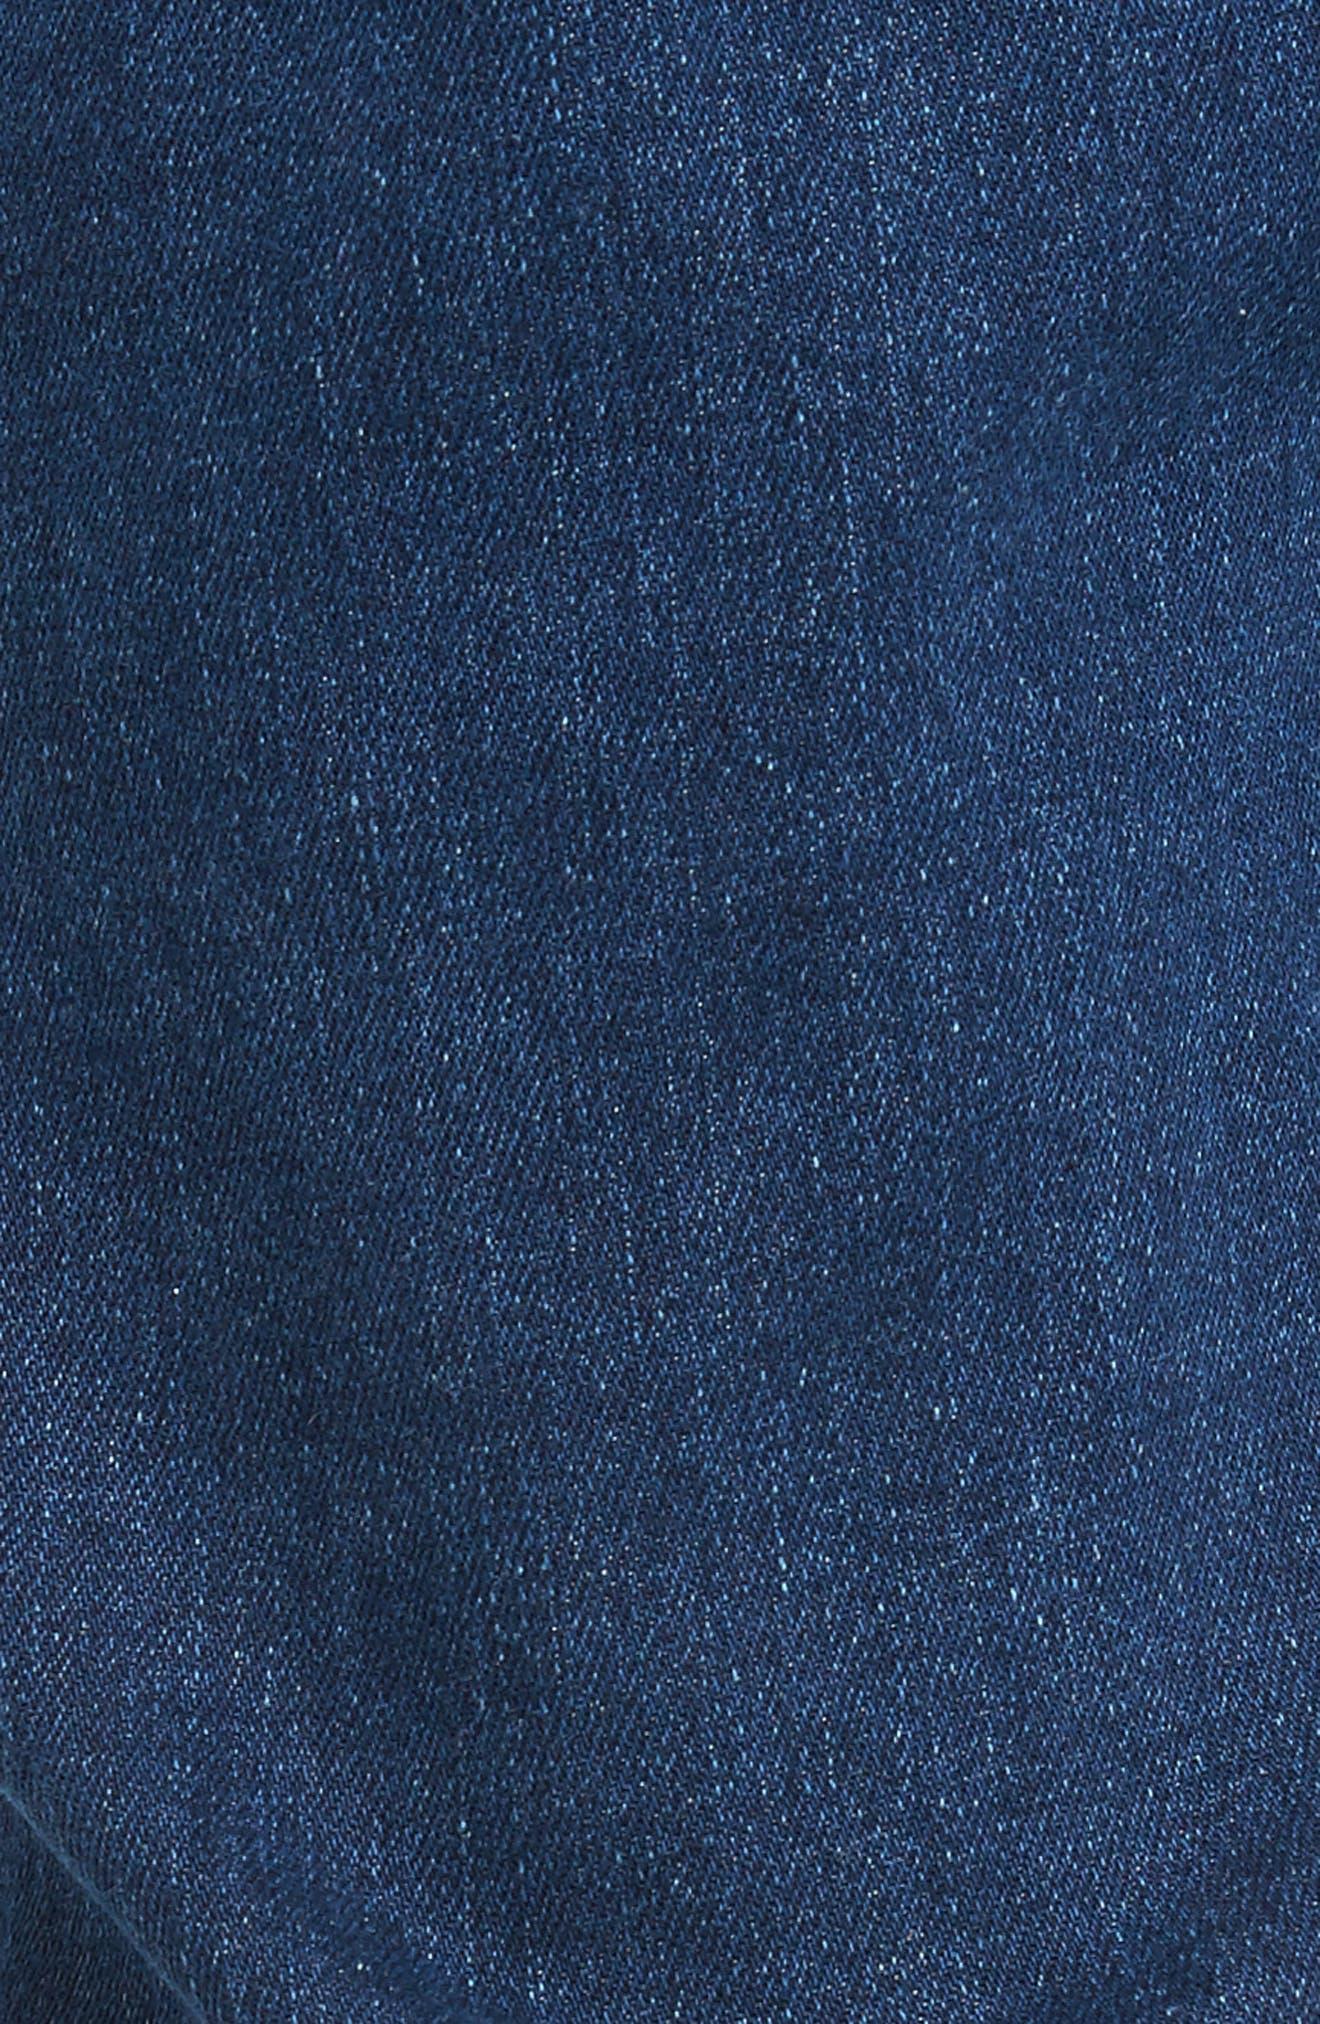 Clark Slim Straight Leg Jeans,                             Alternate thumbnail 5, color,